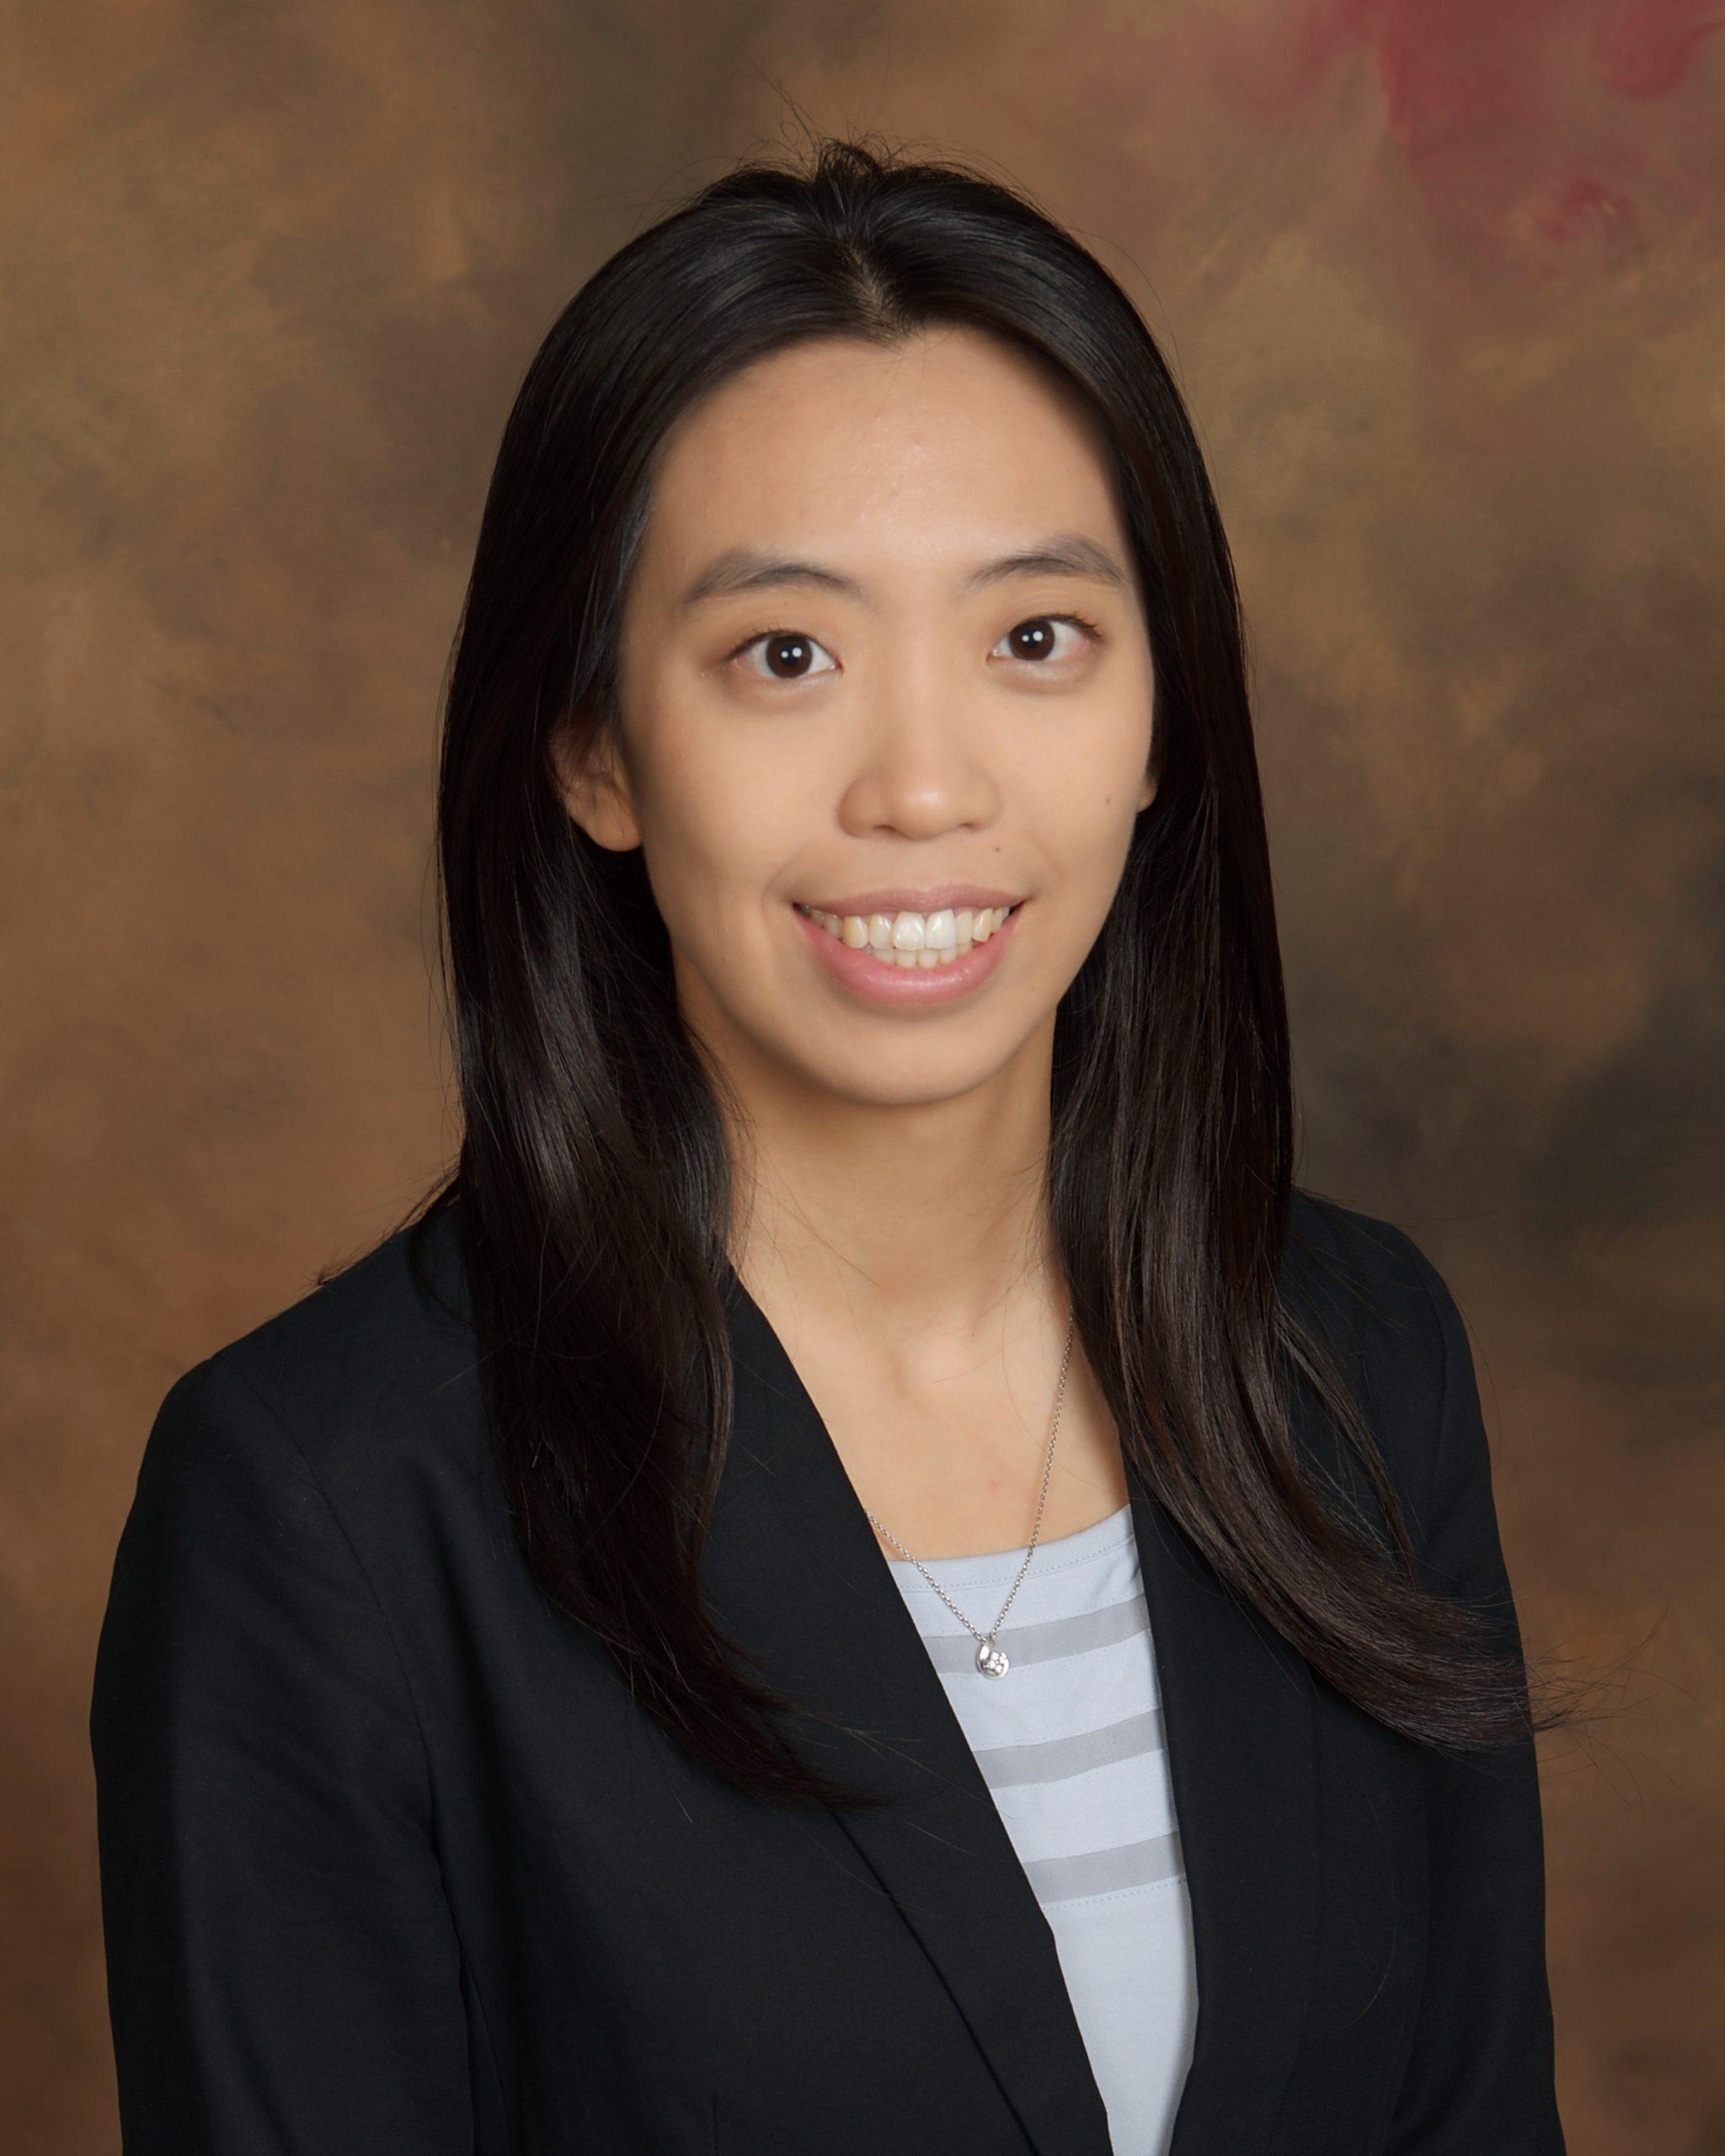 Dr. Linda M. Yang